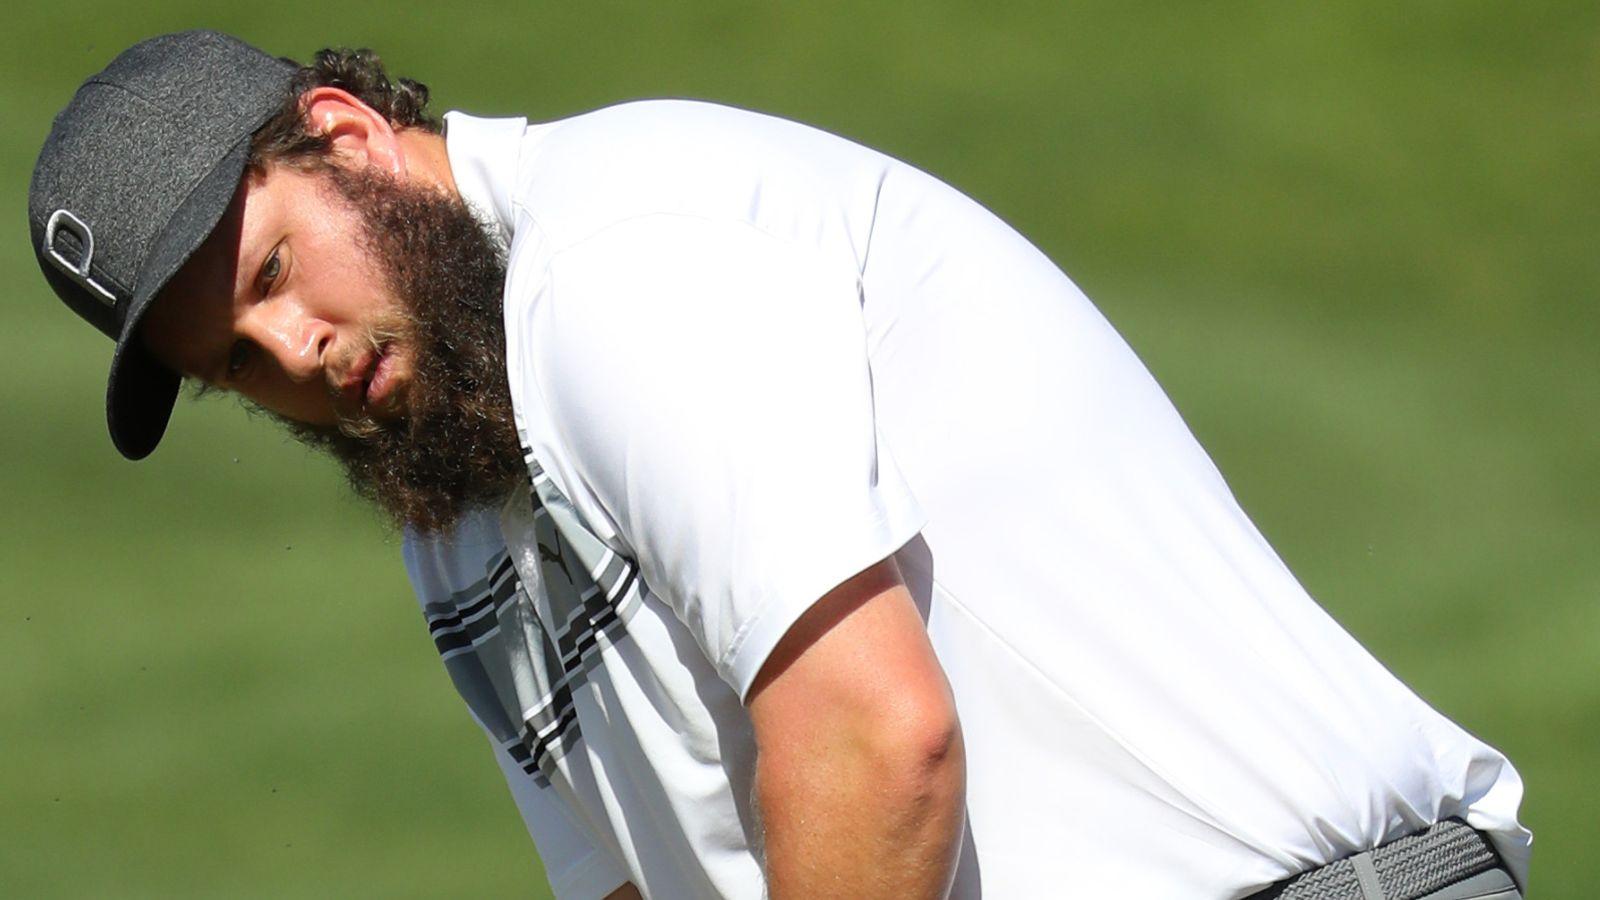 Andrew 'Beef' Johnston feliz en casa durante el encierro | Noticias de golf 6